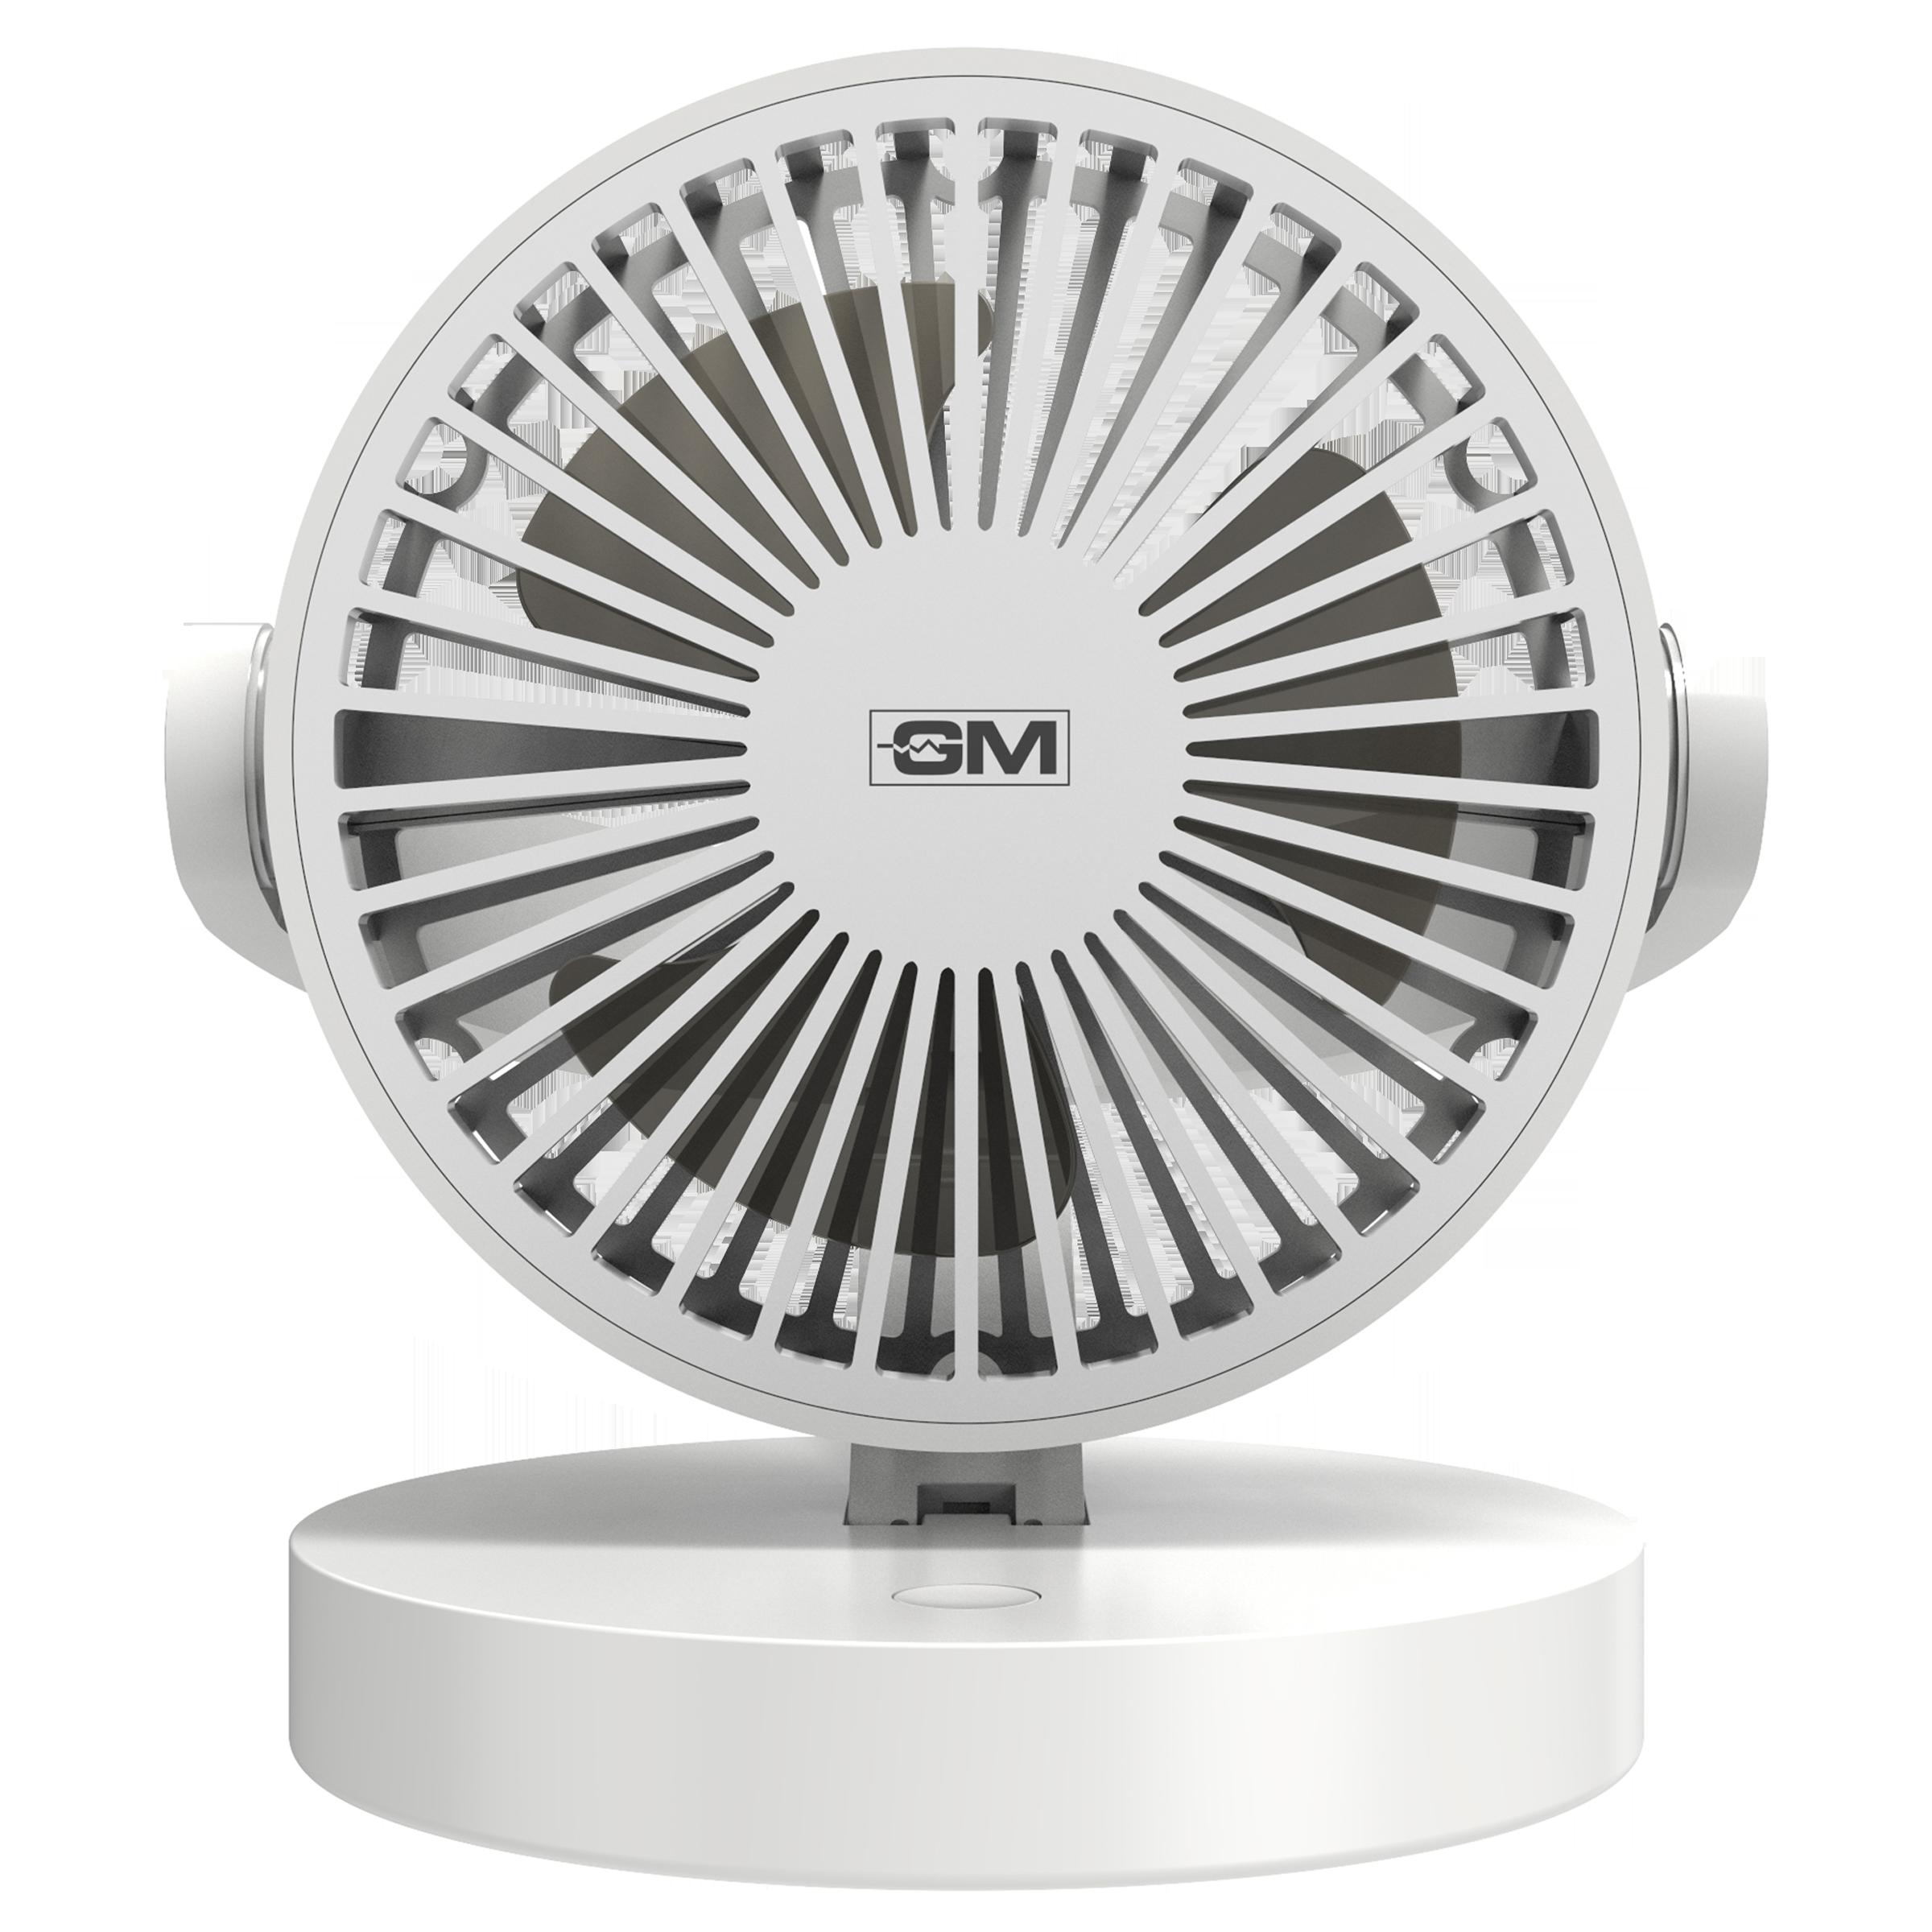 GM Handy Air 15 Sweep 3 Blade Table Fan (Noiseless Fan, PEIO60049WHGL, White)_1